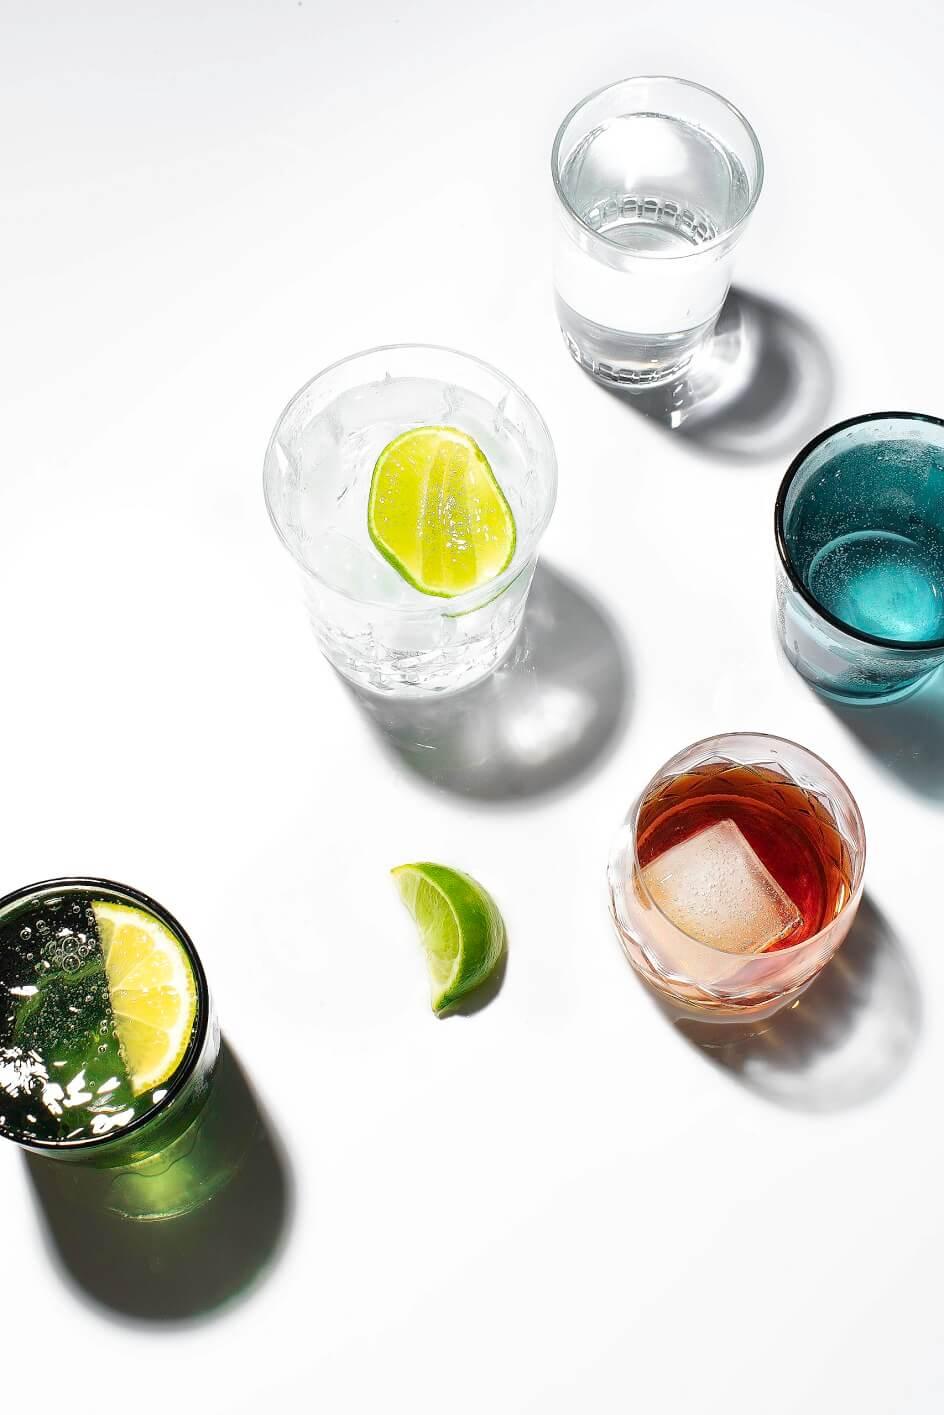 Аниса Сабет. Фотография с напитками